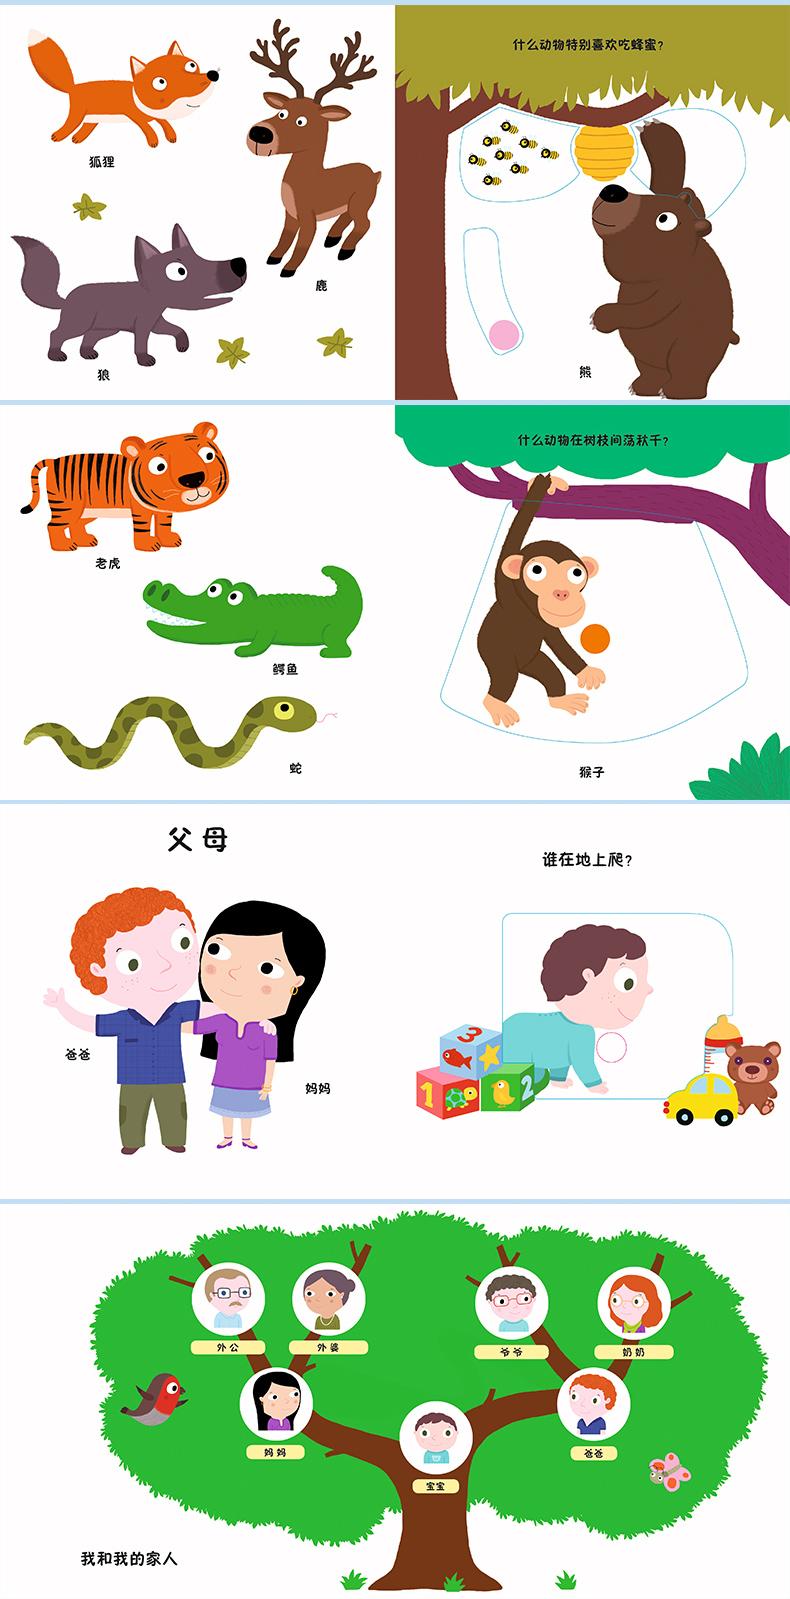 交通工具 宠物朋友 野生动物 我的家人0-1-2-3岁宝宝启蒙读物早教绘本